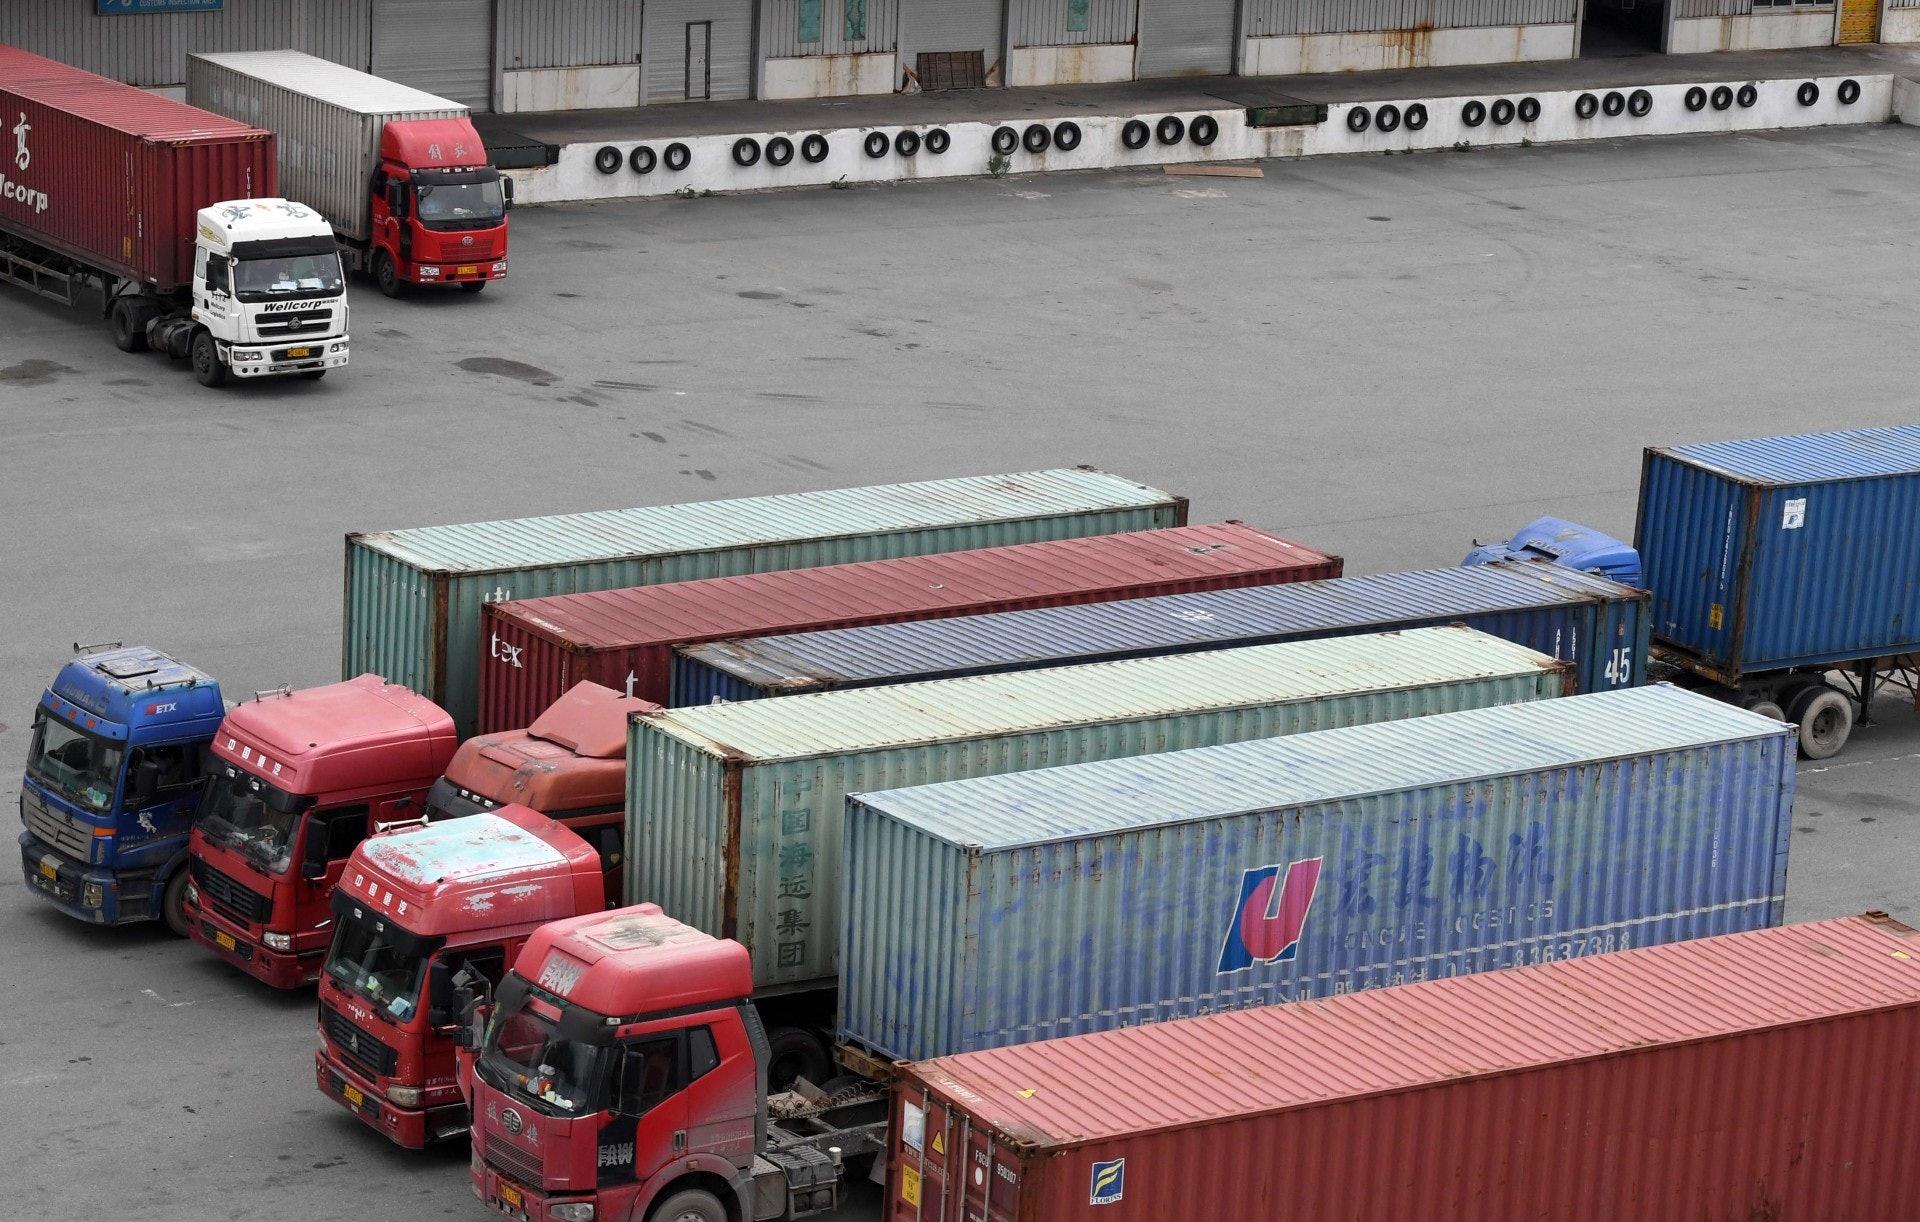 發改委今年陸續推出物流業減稅降費措施,包括貨櫃車的車架將減一半車輛購置率。(中新社)